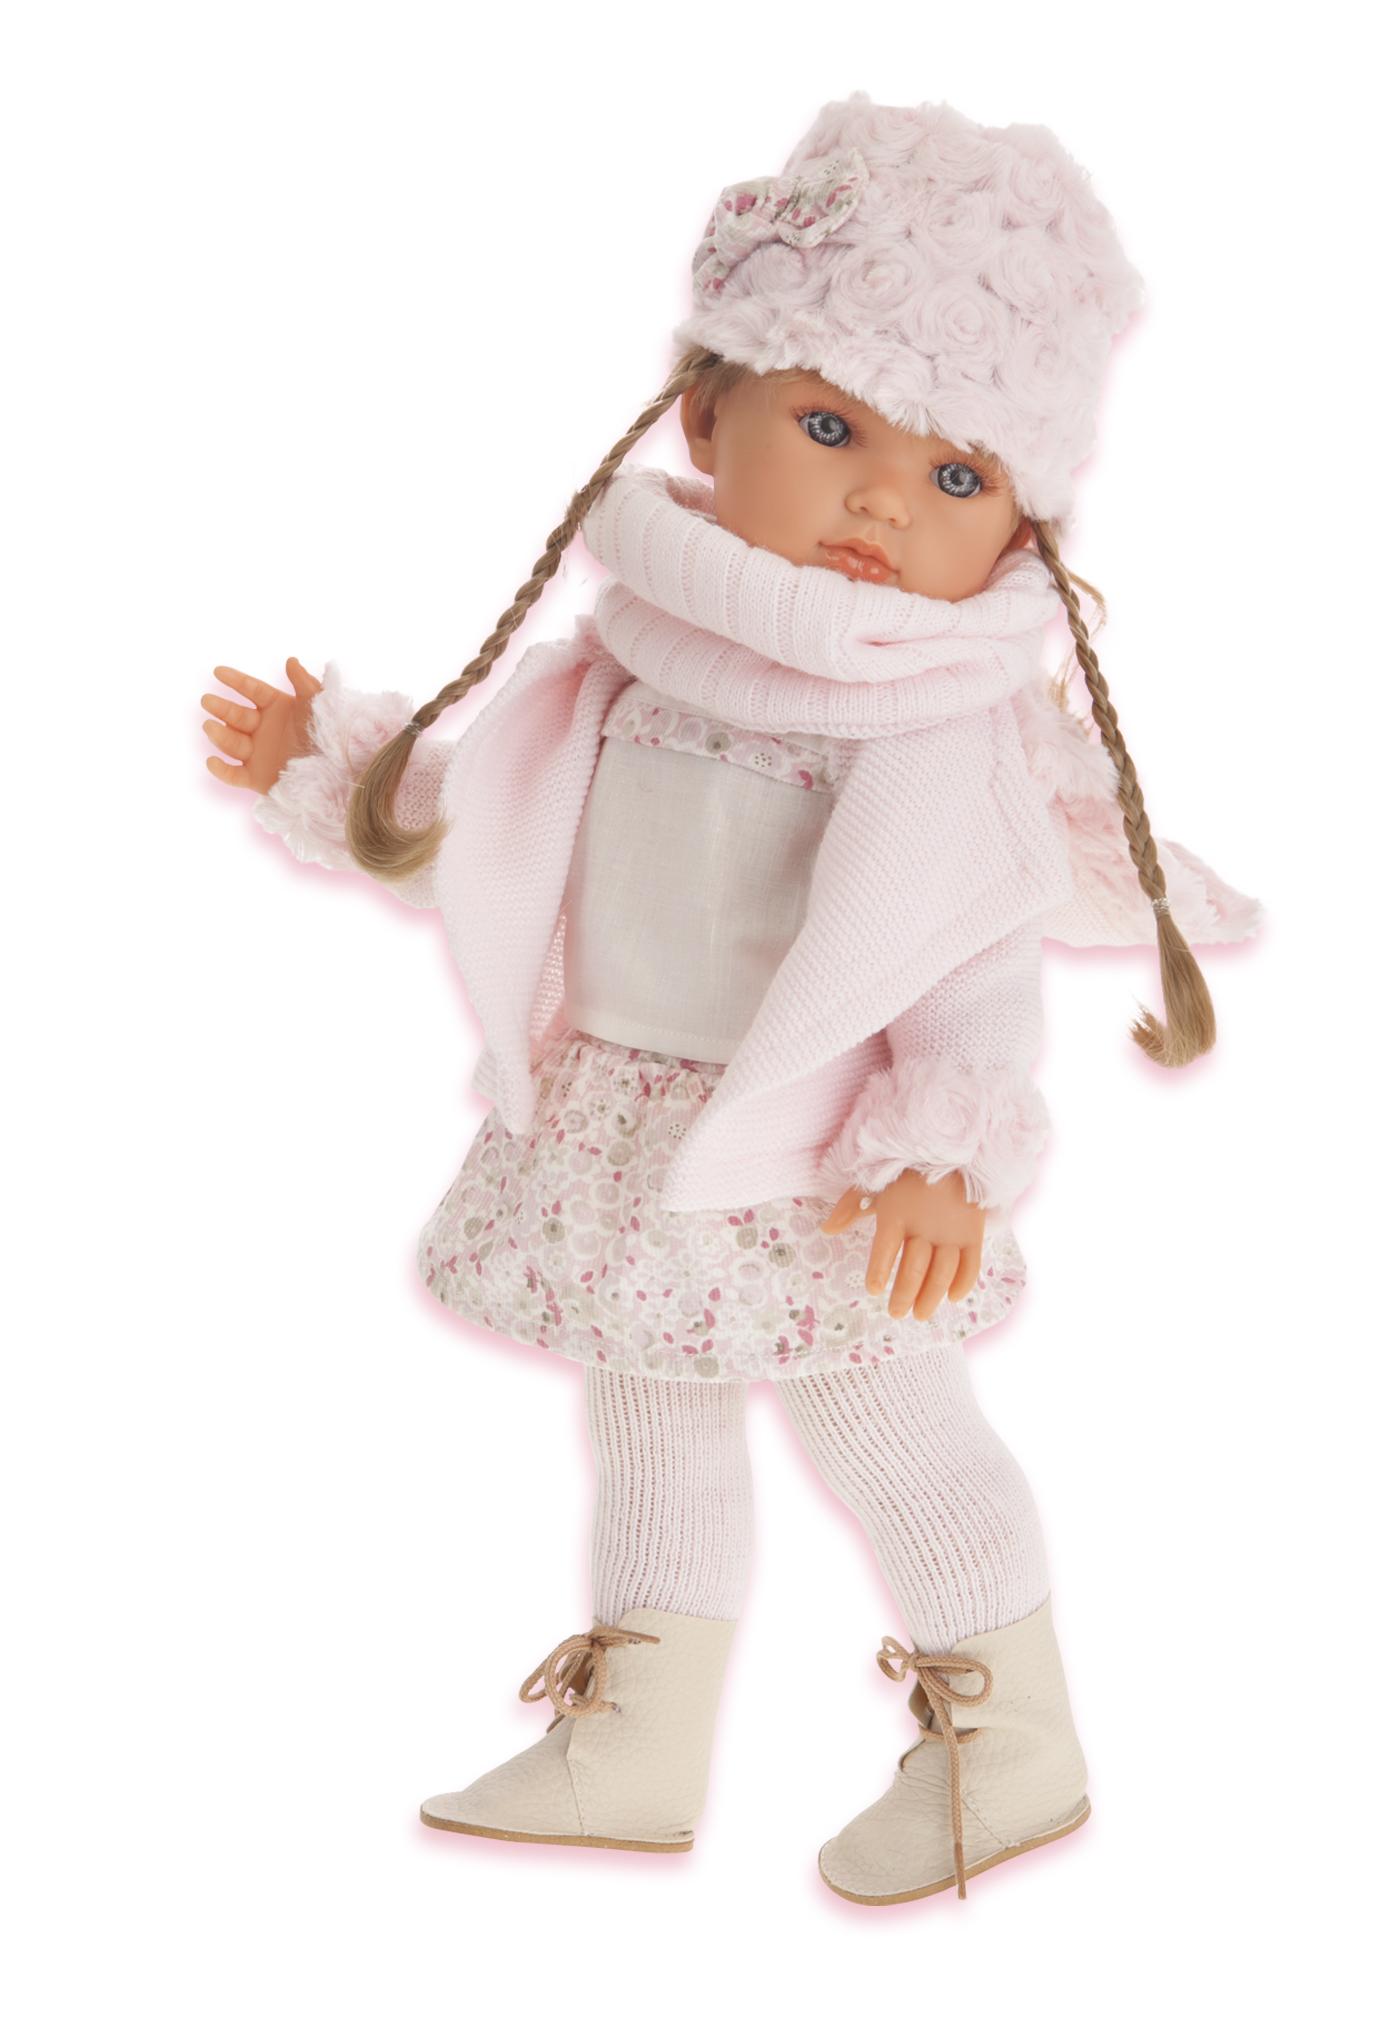 Juan Antonio Кукла Белла с шарфикомКукла Juan Antonio Белла с шарфиком - это трогательная и забавная игрушка, которая непременно очарует любую девочку. Образ куклы разработан европейскими дизайнерами с любовью и вниманием к деталям. Игрушка выполнена из прочного безопасного винила, мягкого и приятного на ощупь. Кукла натуралистична и анатомически точна. Голова, ручки и ножки малышки подвижны. Выразительные реалистичные глазки куколки обрамлены пушистыми ресницами. Кукла одета в стильный наряд. Милая куколка приведет в восторг любую девочку, а детально проработанный внешний вид и модный образ сделает такую игрушку превосходным подарком и для взрослого коллекционера. Игры с куклой научат малышку ответственности и внимательности.<br>